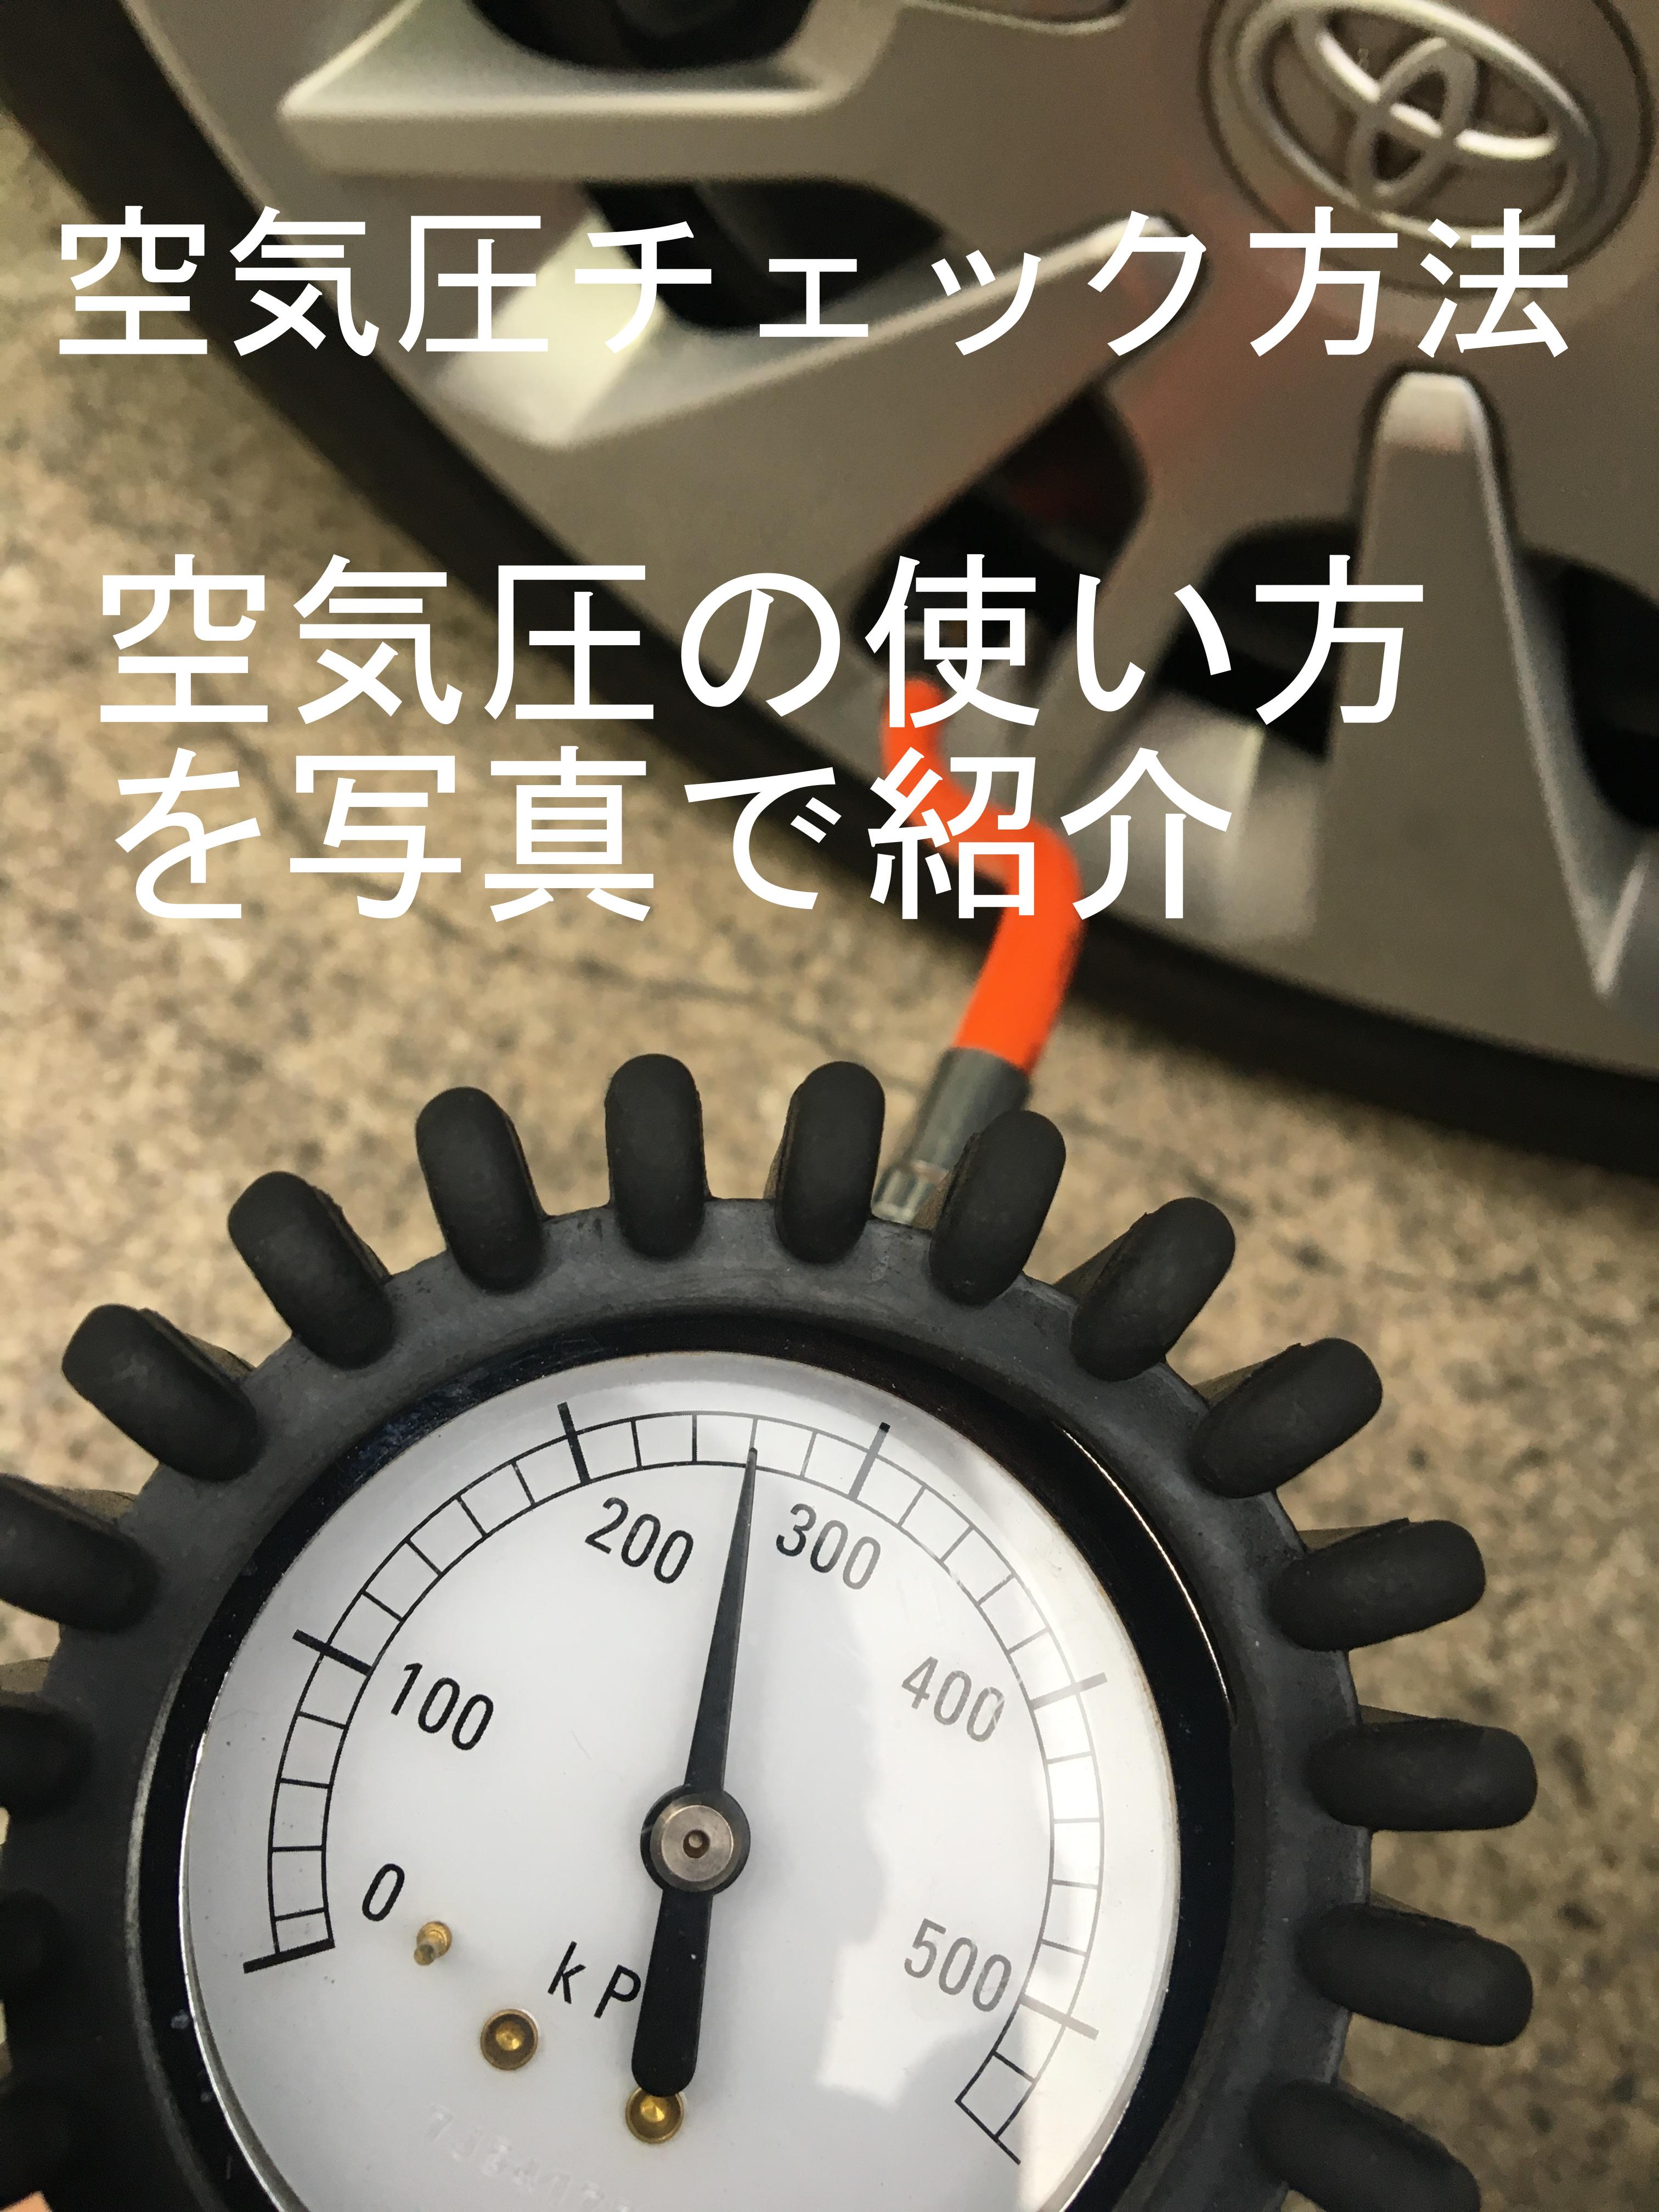 エネオス 空気圧 料金,エネオス 空気圧 使い方,タイヤ 空気圧 頻度